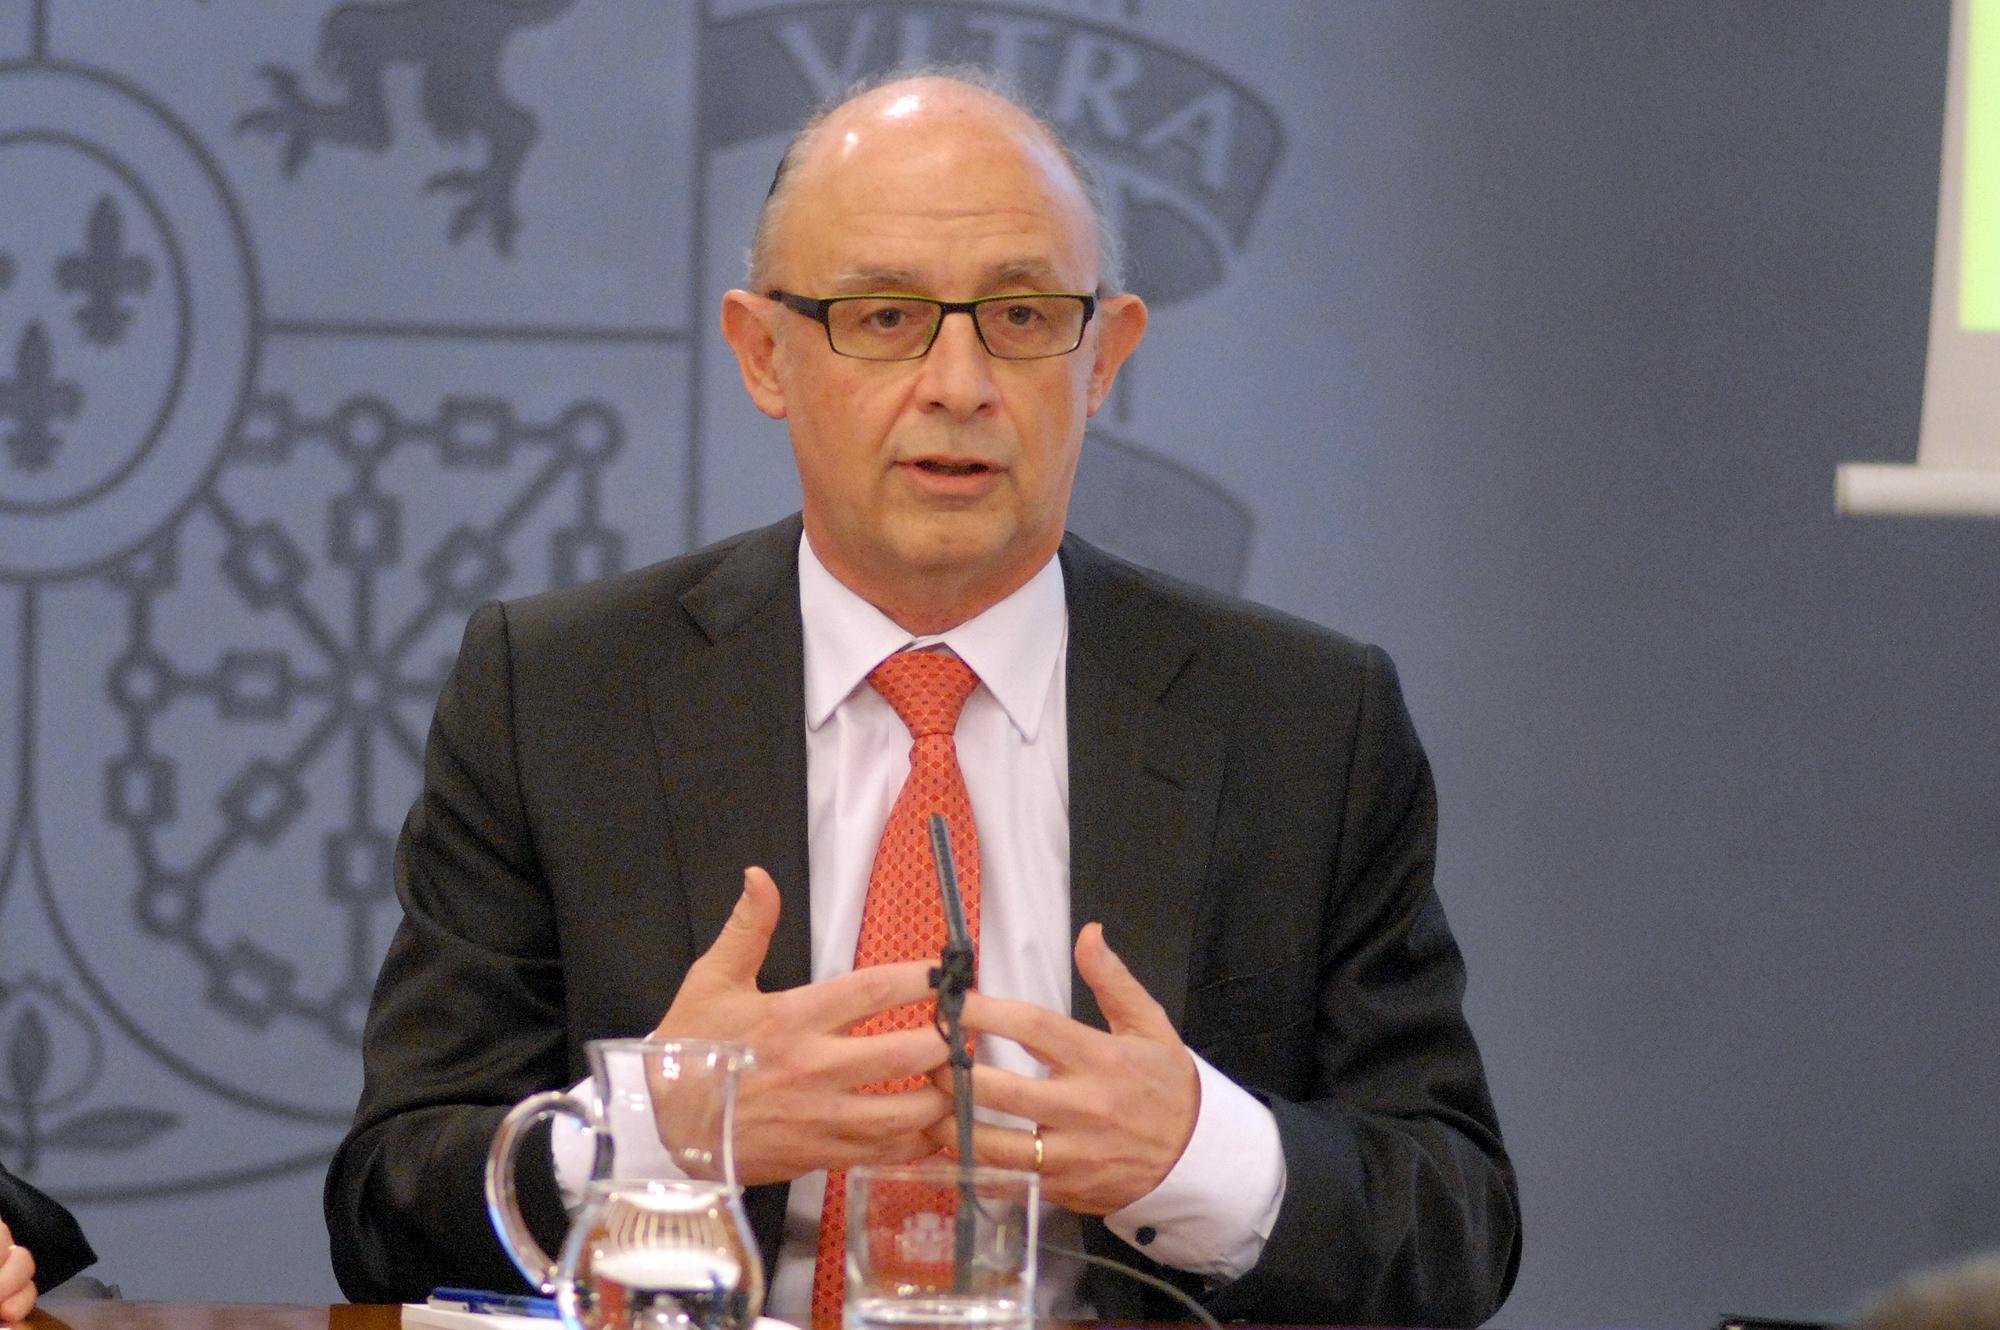 El ministre d'Hisenda Cristóbal Montoro, en roda de premsa després del consell de ministres / GOVERN D'ESPANYA